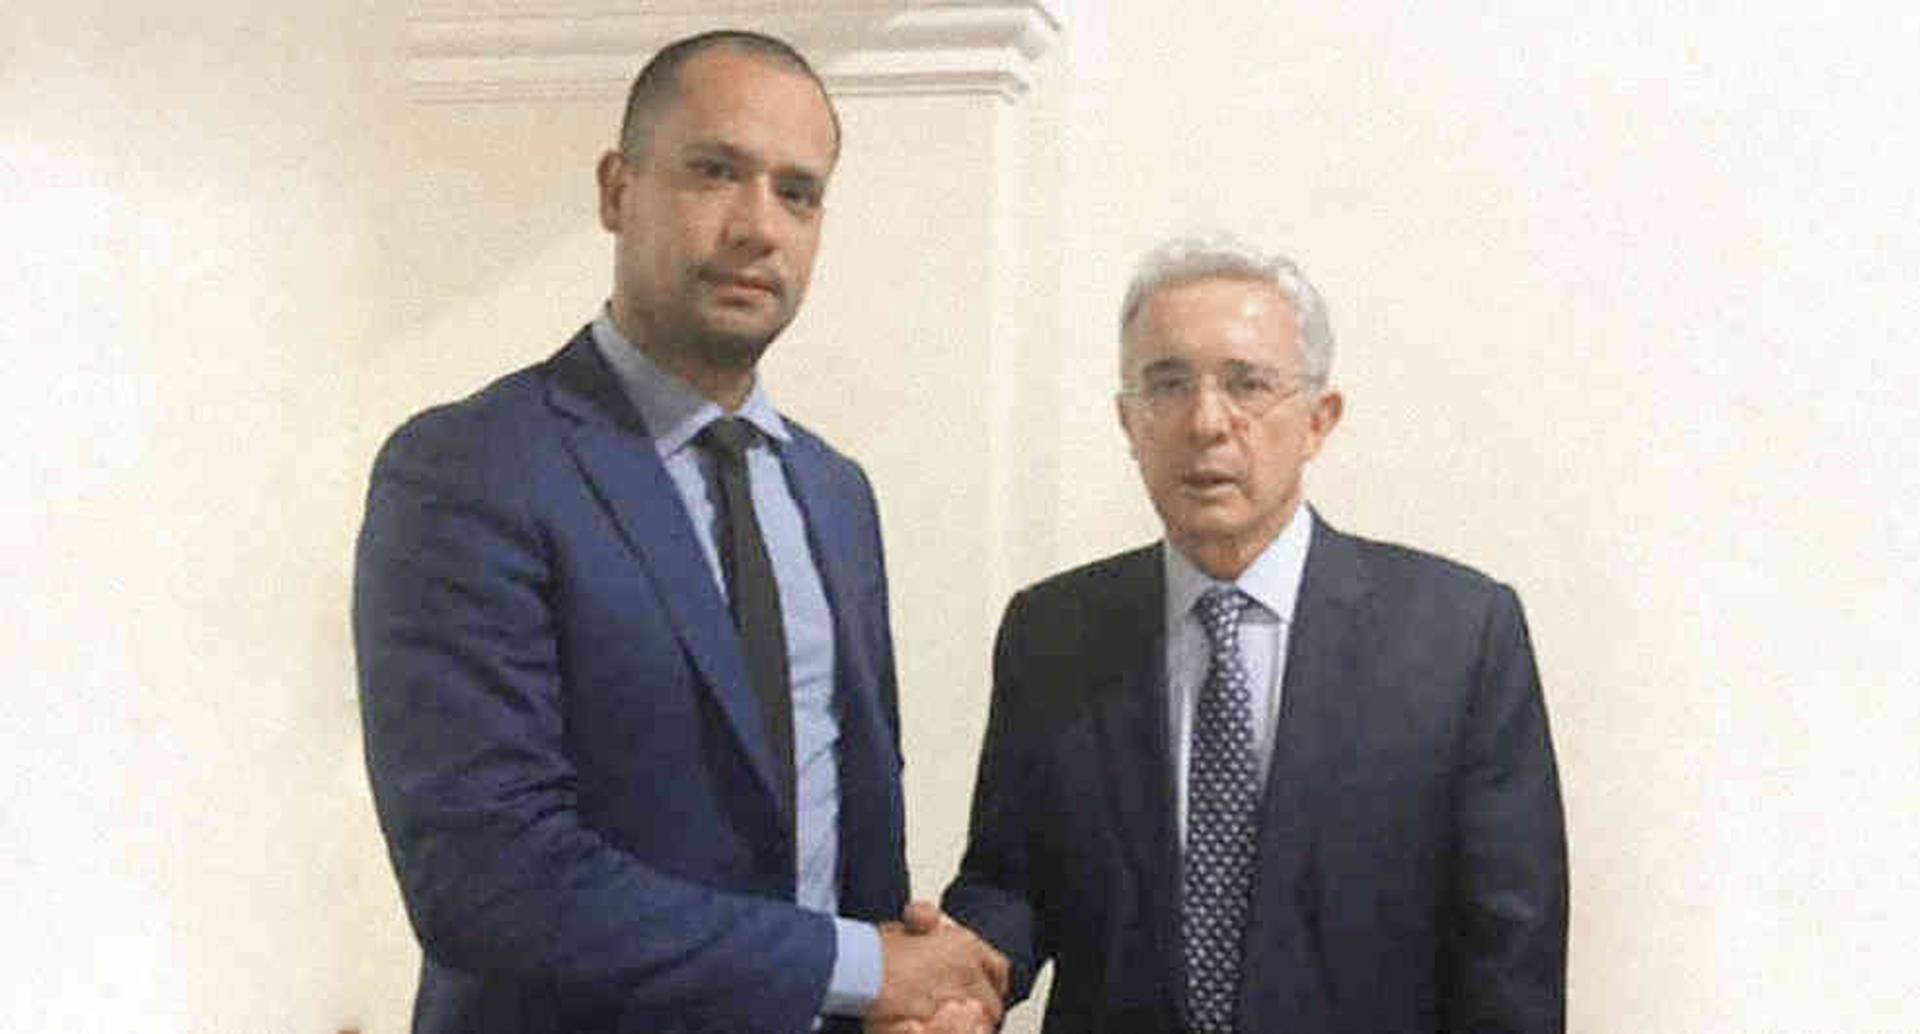 El abogado del expresidente Uribe, Diego Cadena, visitó decenas de cárceles en Colombia y Estados Unidos.